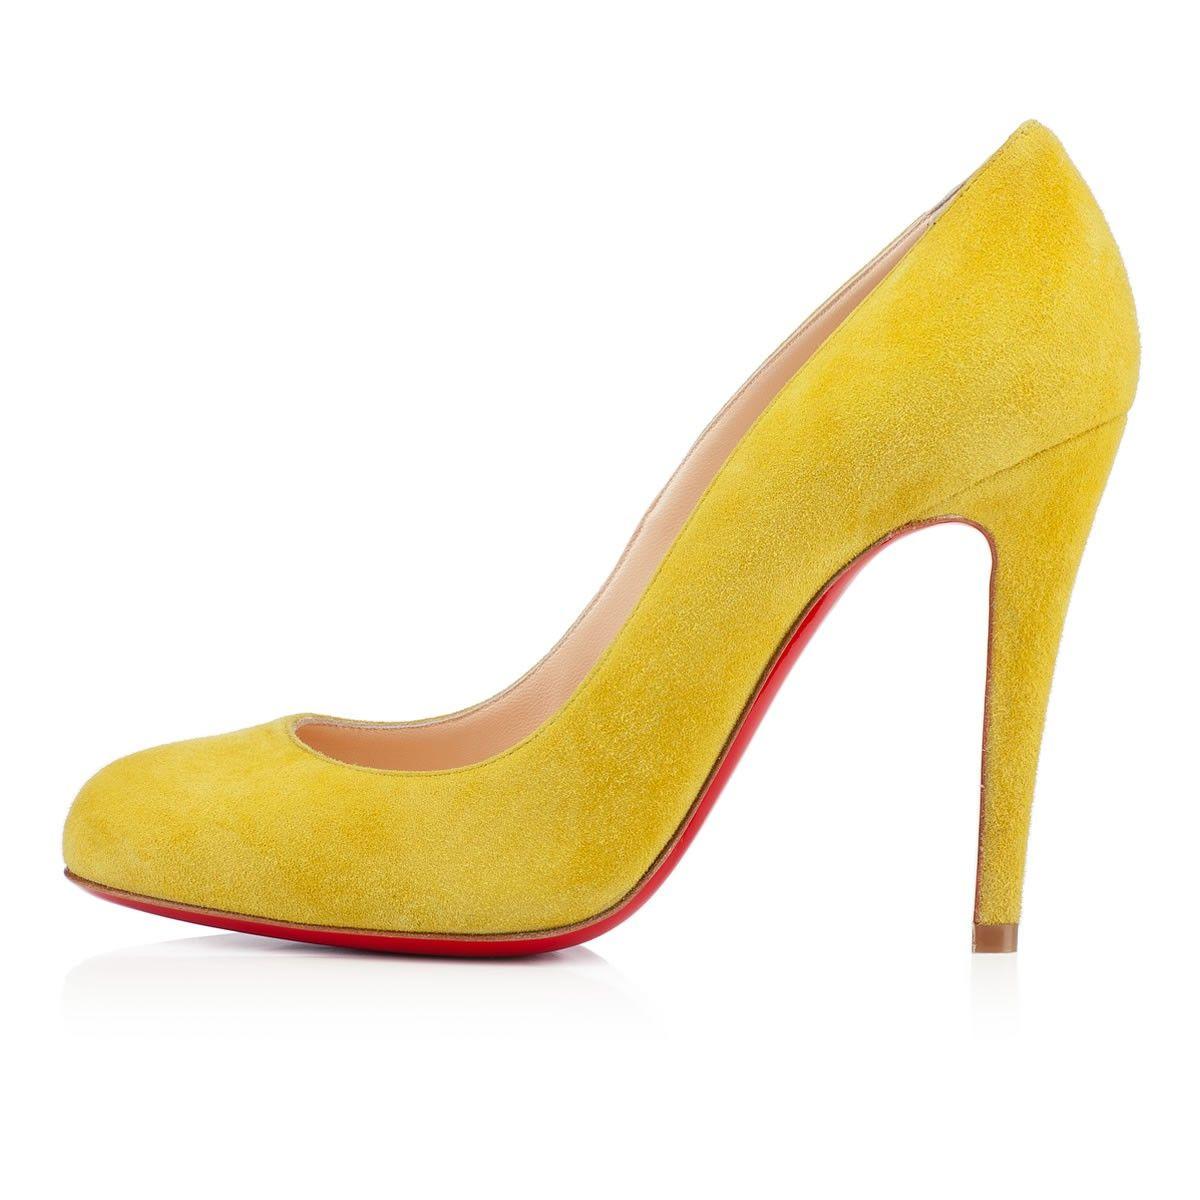 ron ron 100mm jaune de naples suede